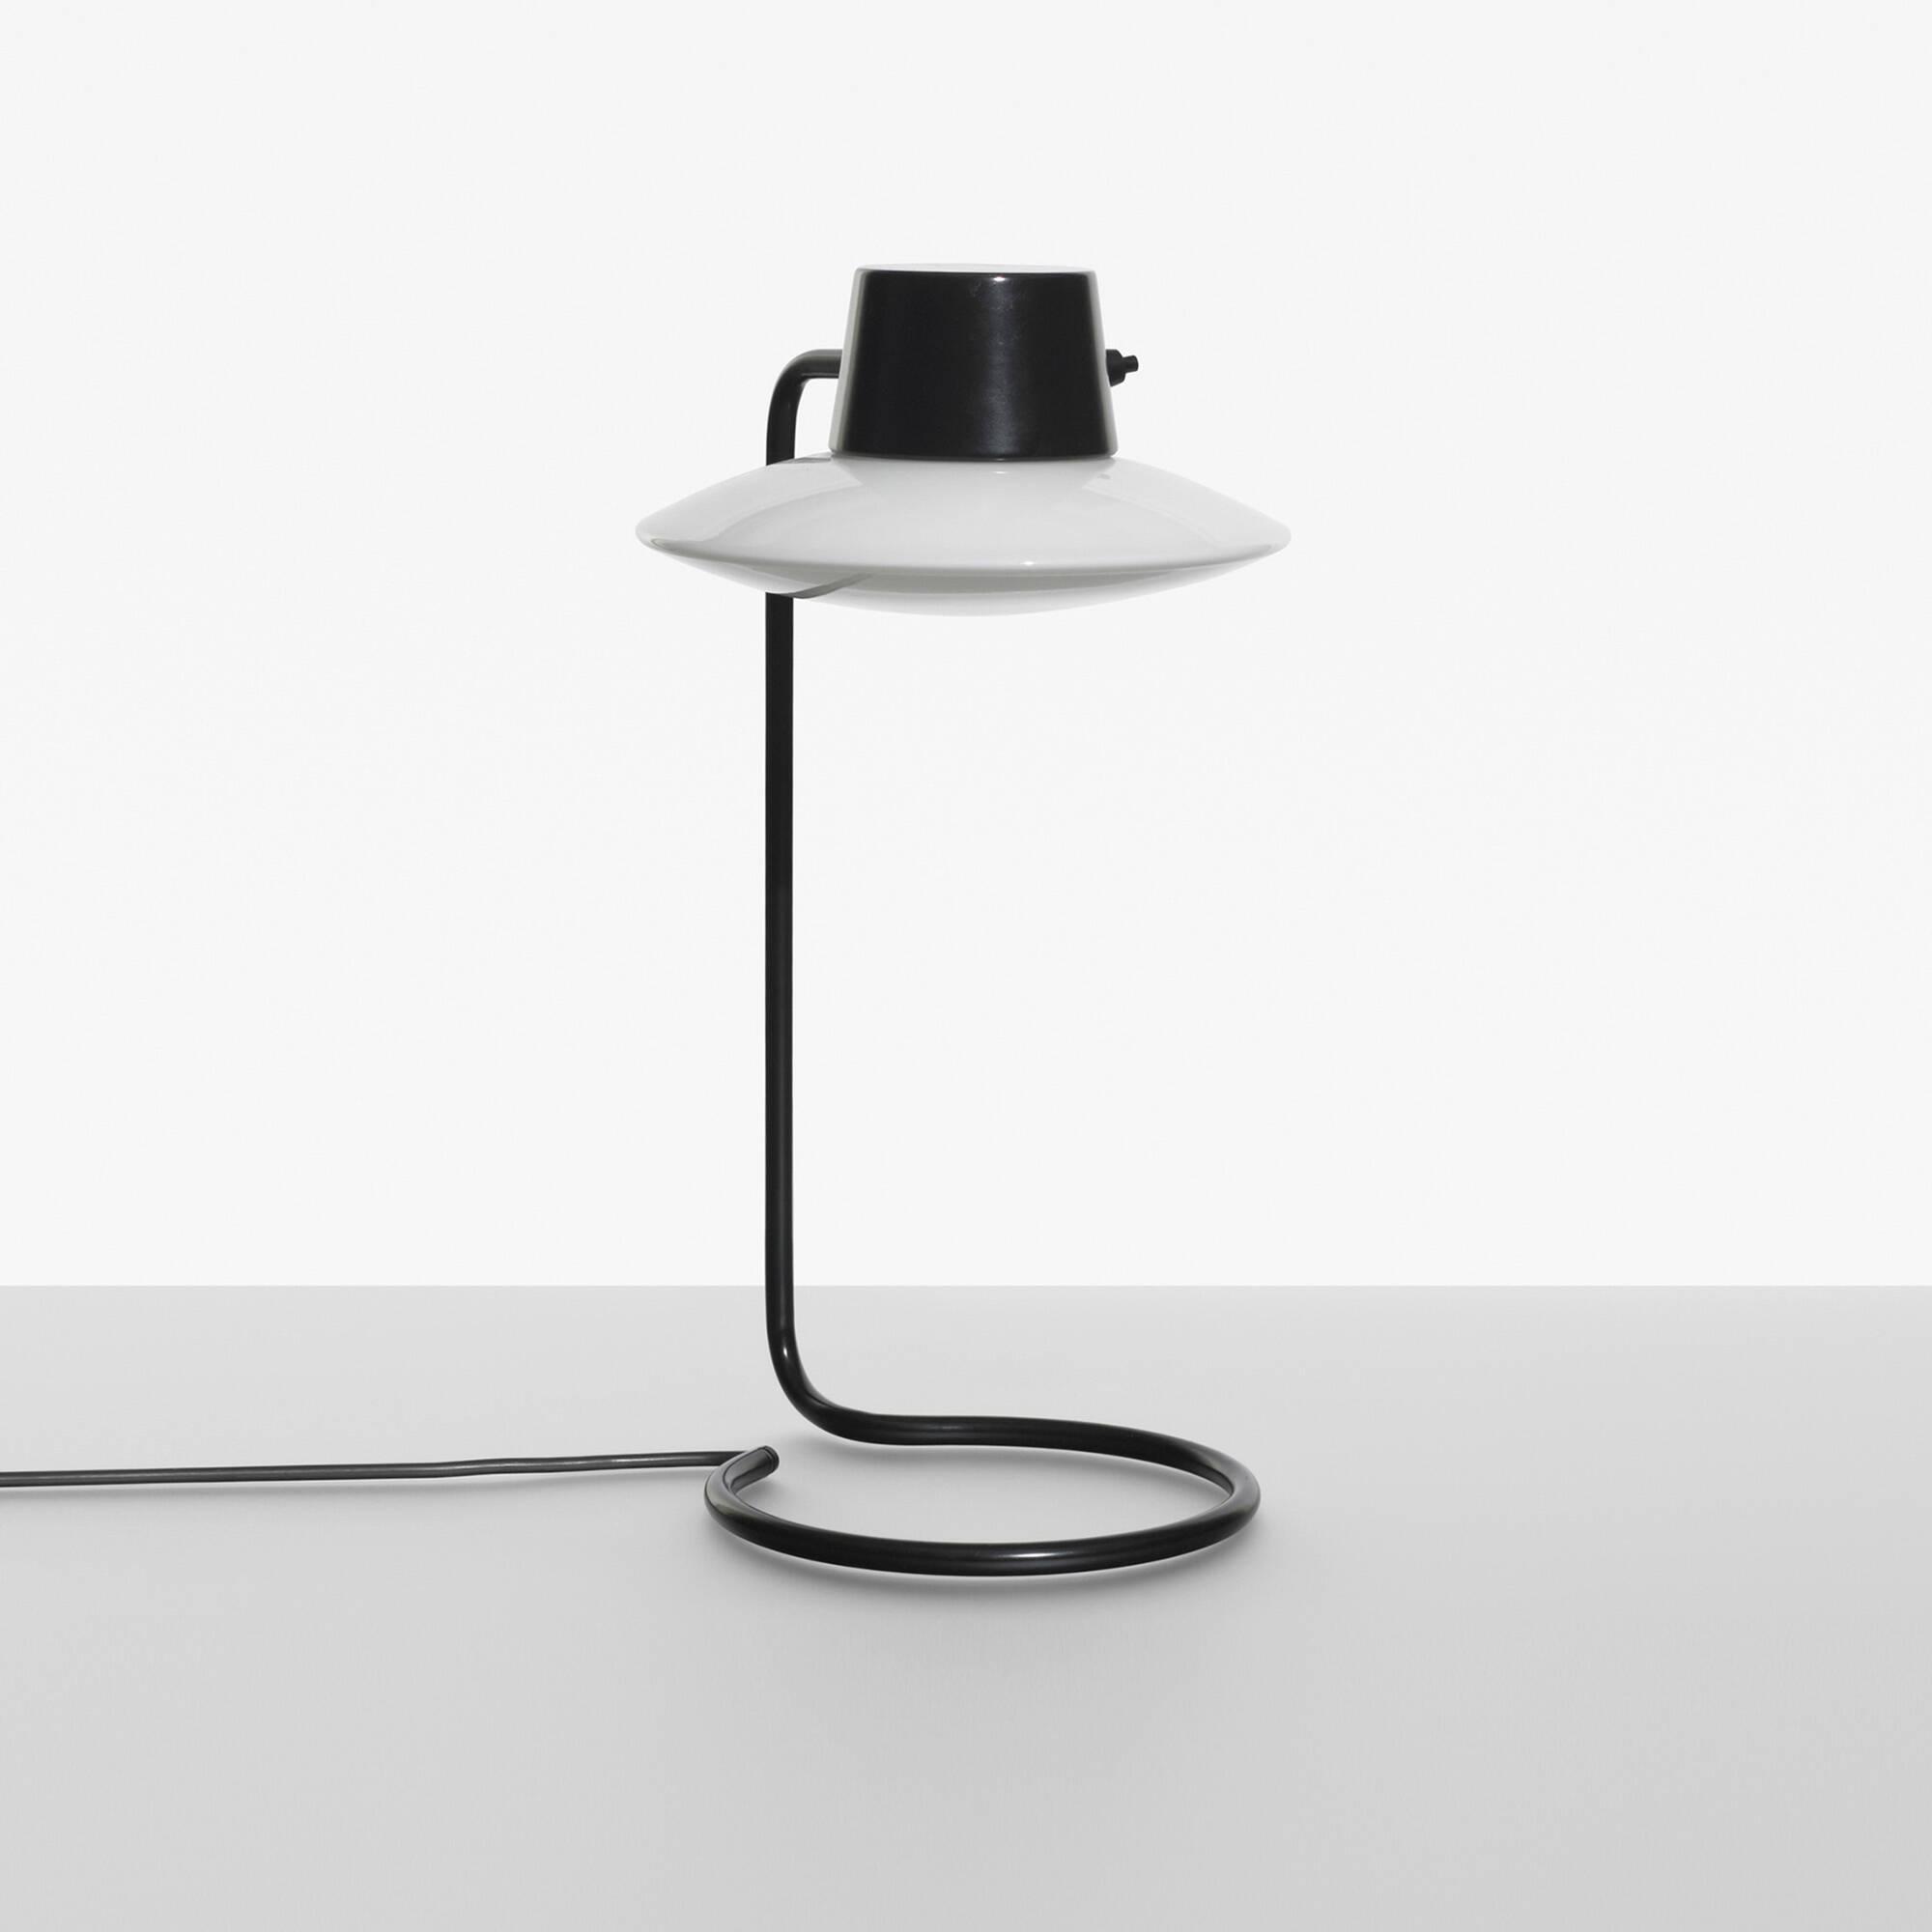 Lampen DesignGeschirr Frisch Greengate Shop Dnisches Design droeWBCx